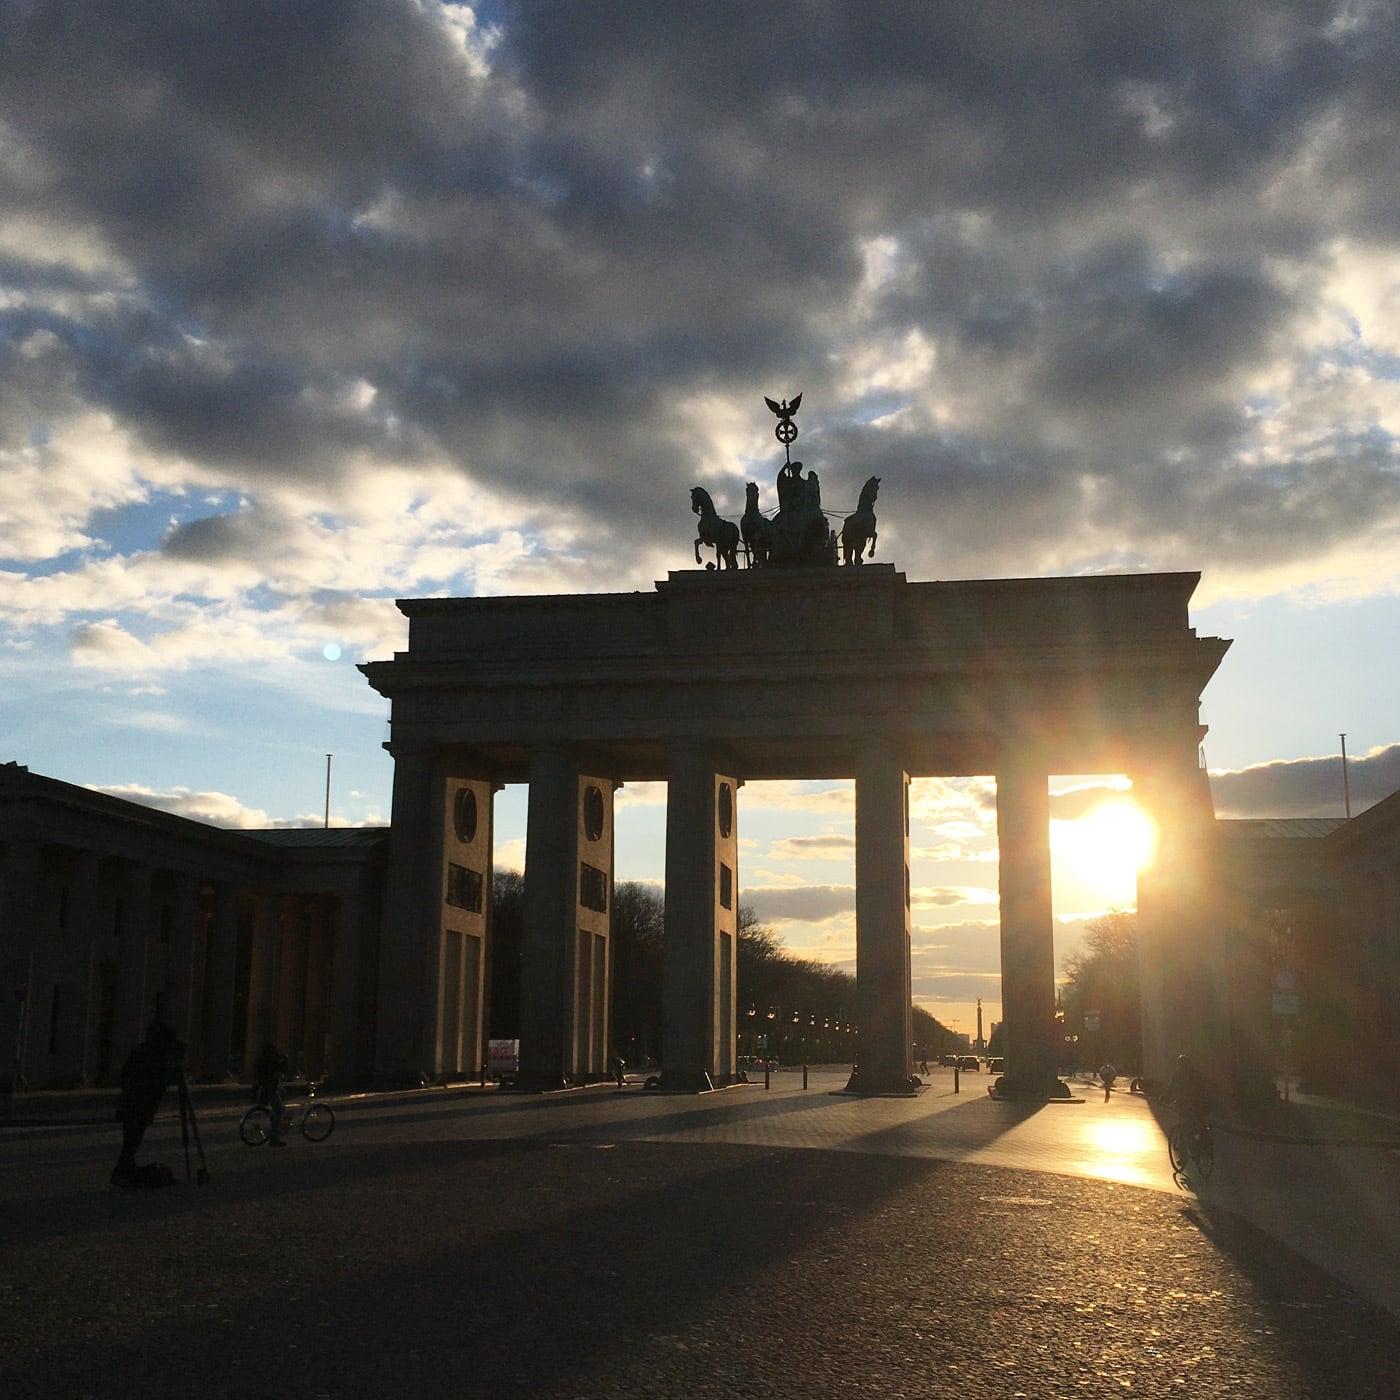 Drei Wochen Homeoffice: Freiheitsgefühle beim Fahrradfahren; Brandenburger Tor Abendstimmung // HIMBEER